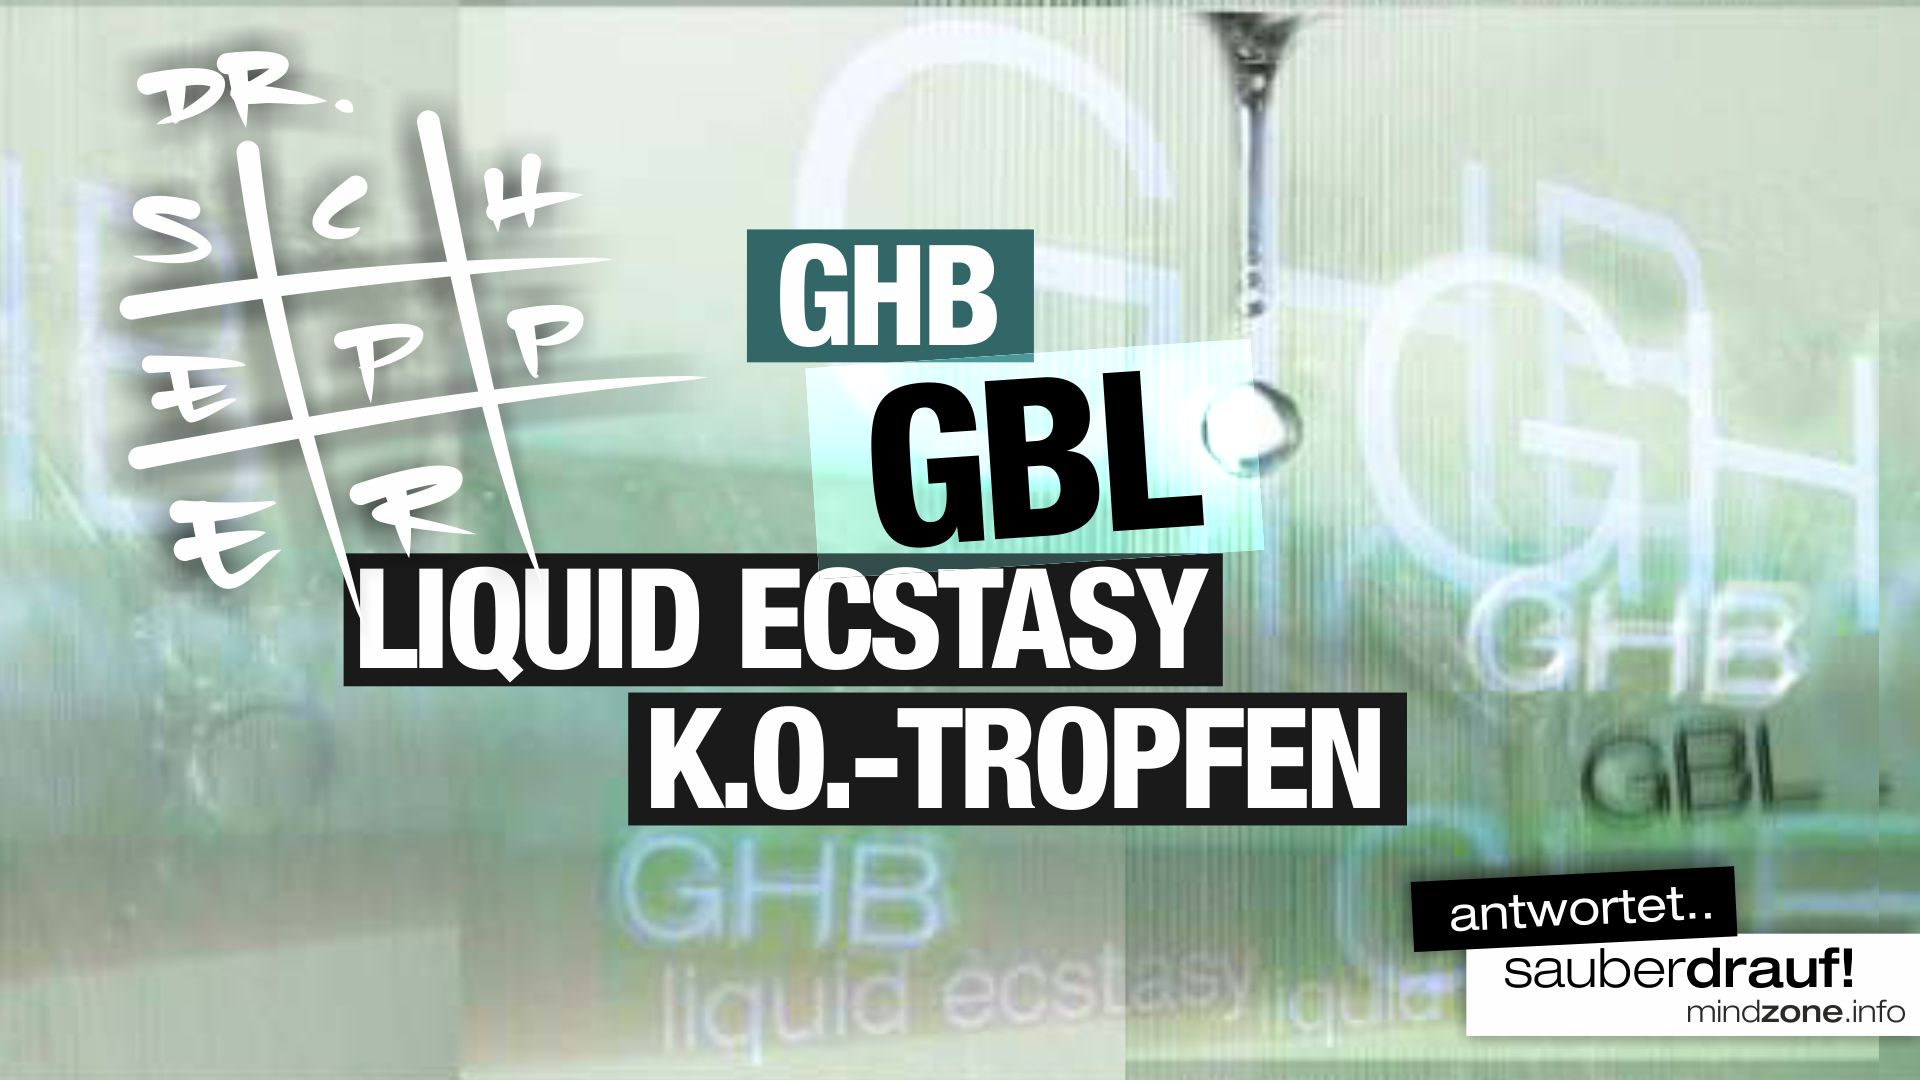 DR SCHEPPERT Screen – Alles über GHB-GBL-Liquid-Ecstasy-XTC-KO-Tropfen – Variante 2 mehr Farbe